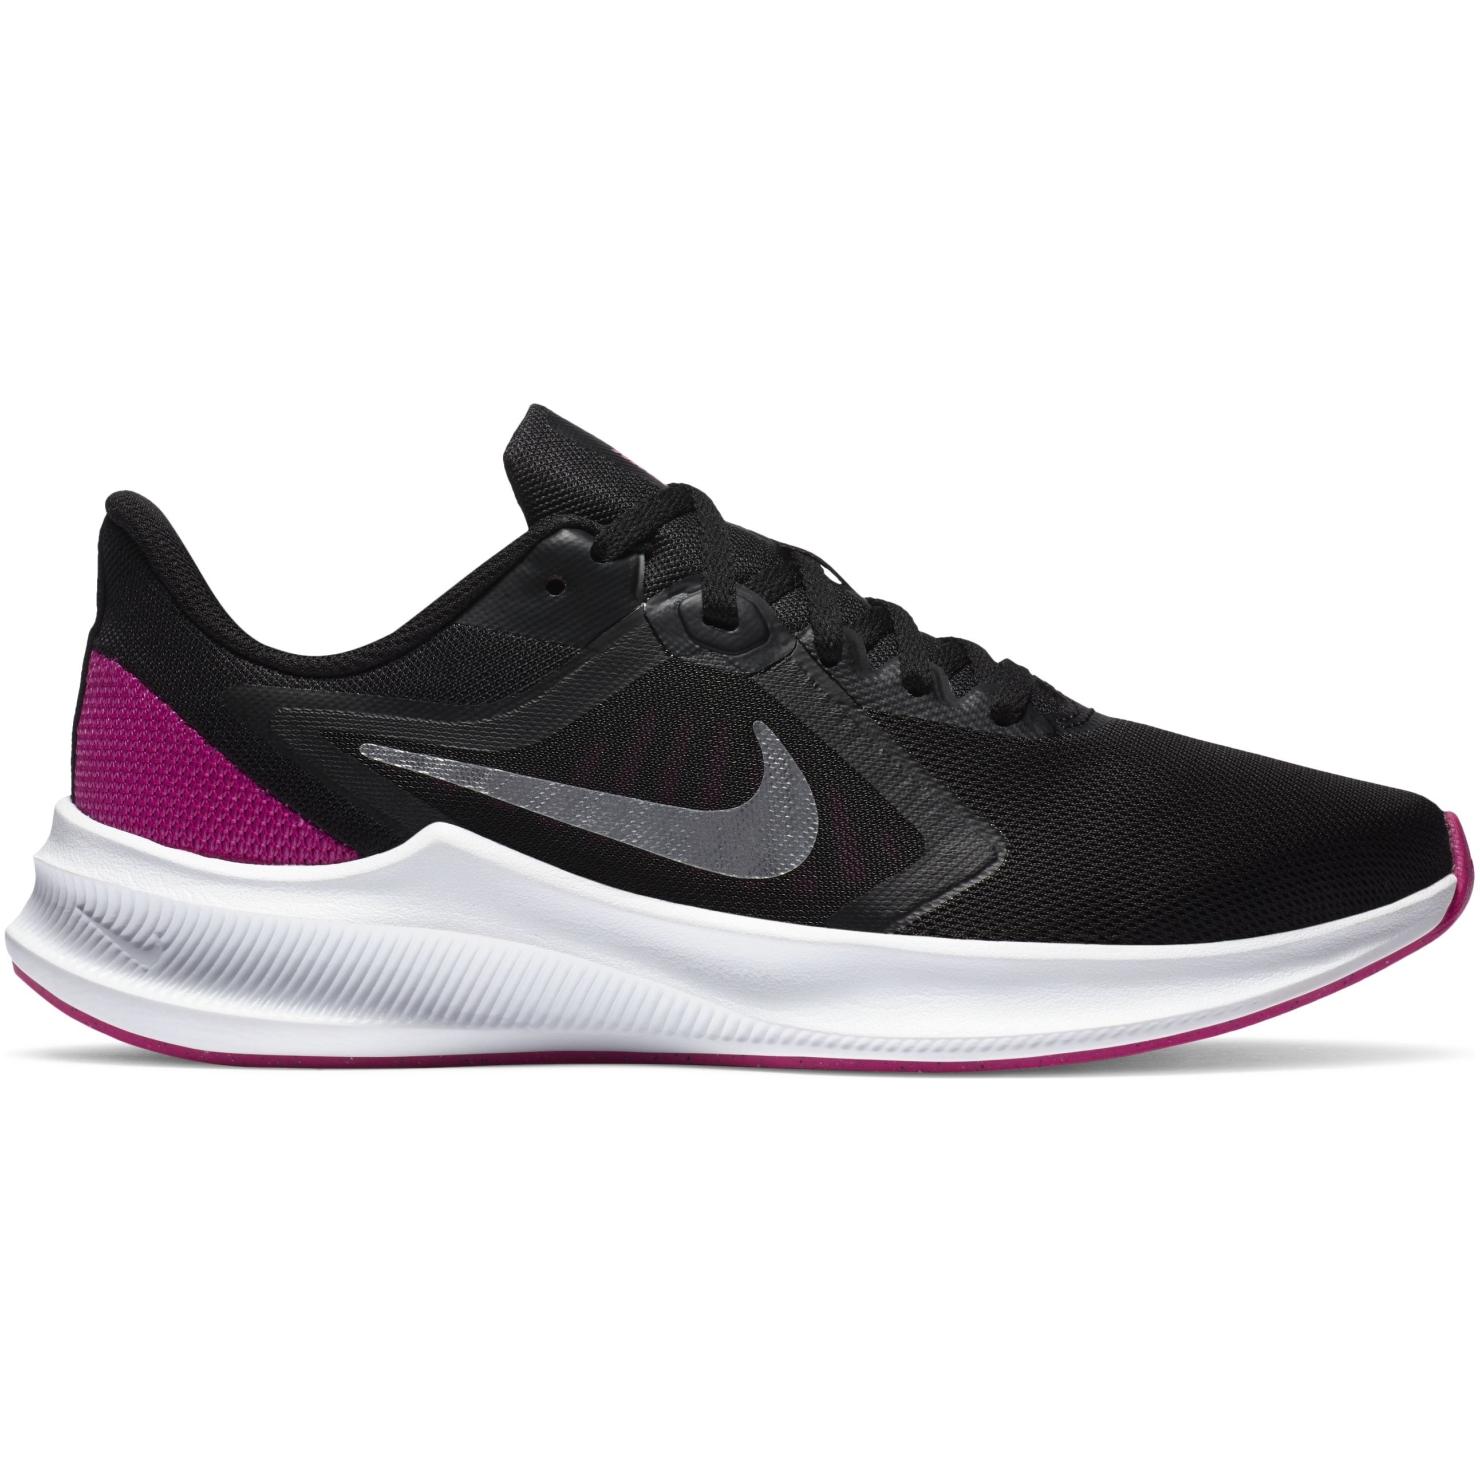 Nike Downshifter 10 Women's Running Shoe - black/metallic silver-fire pink CI9984-004